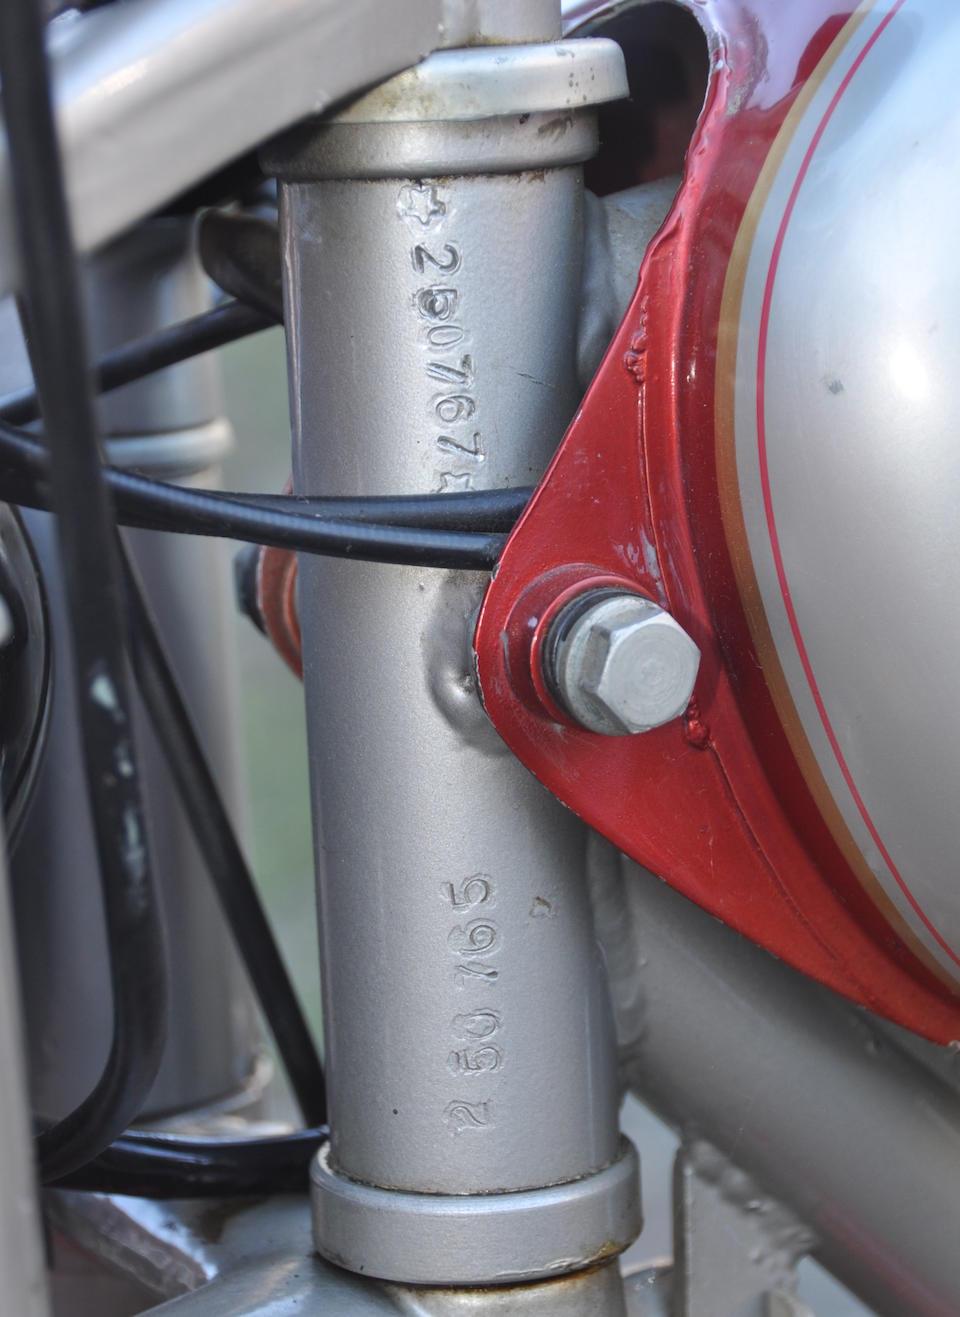 c.1964 Parilla Tourist 250 Frame no. 250767 Engine no. 250765